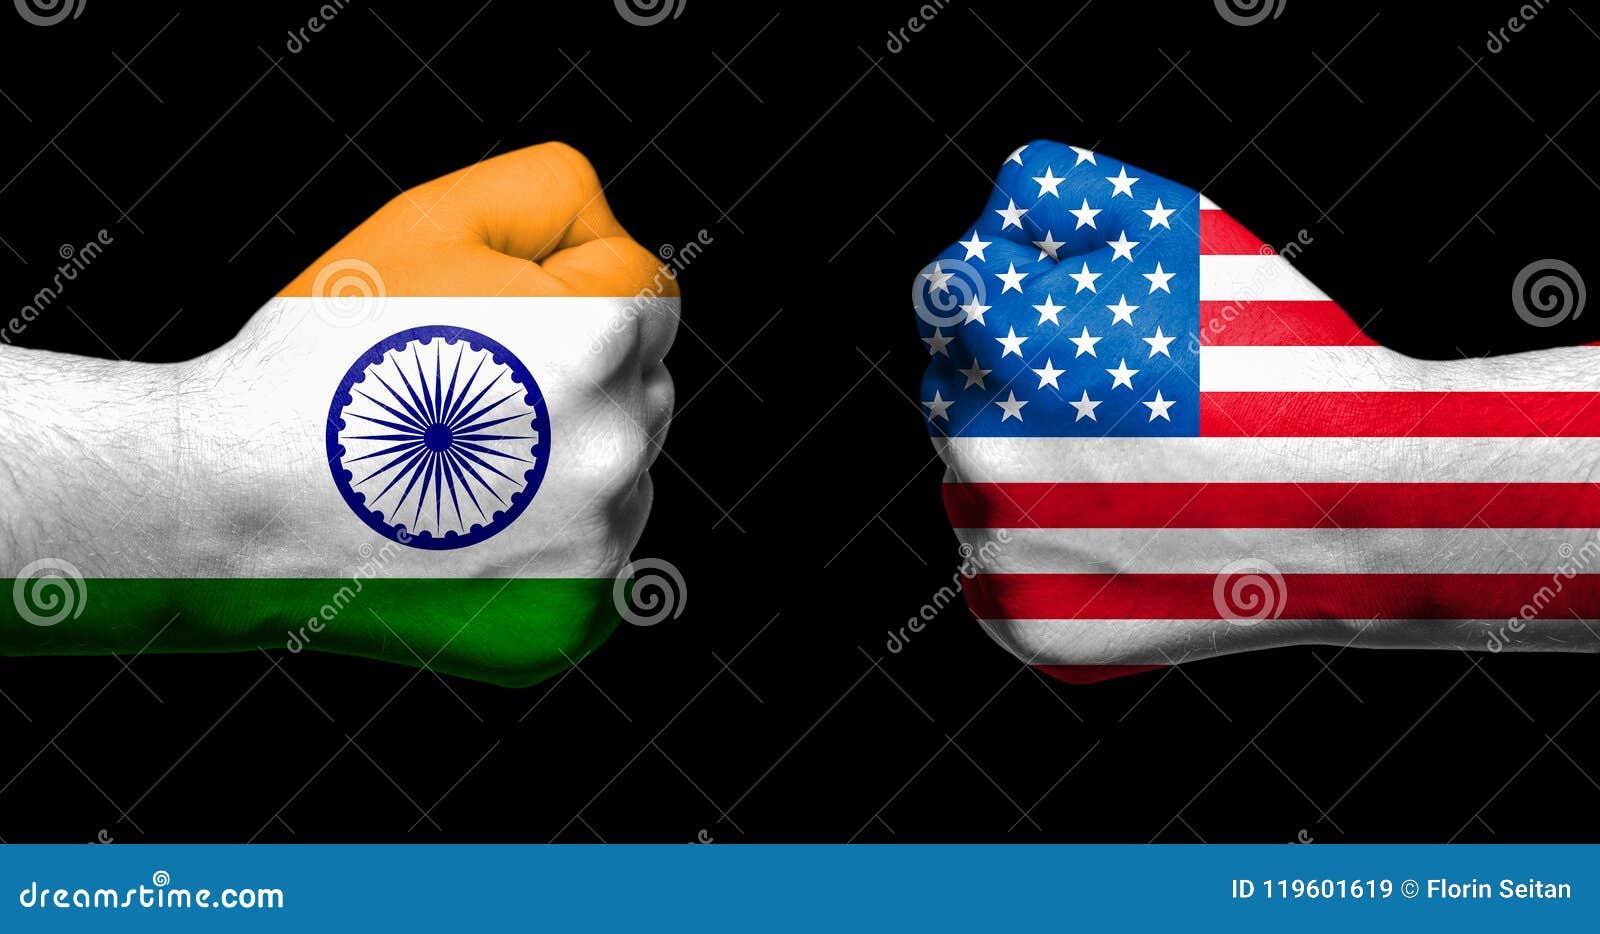 As bandeiras da Índia e do Estados Unidos pintados em dois apertaram os punhos que enfrentam-se no fundo/Índia pretos - conflito